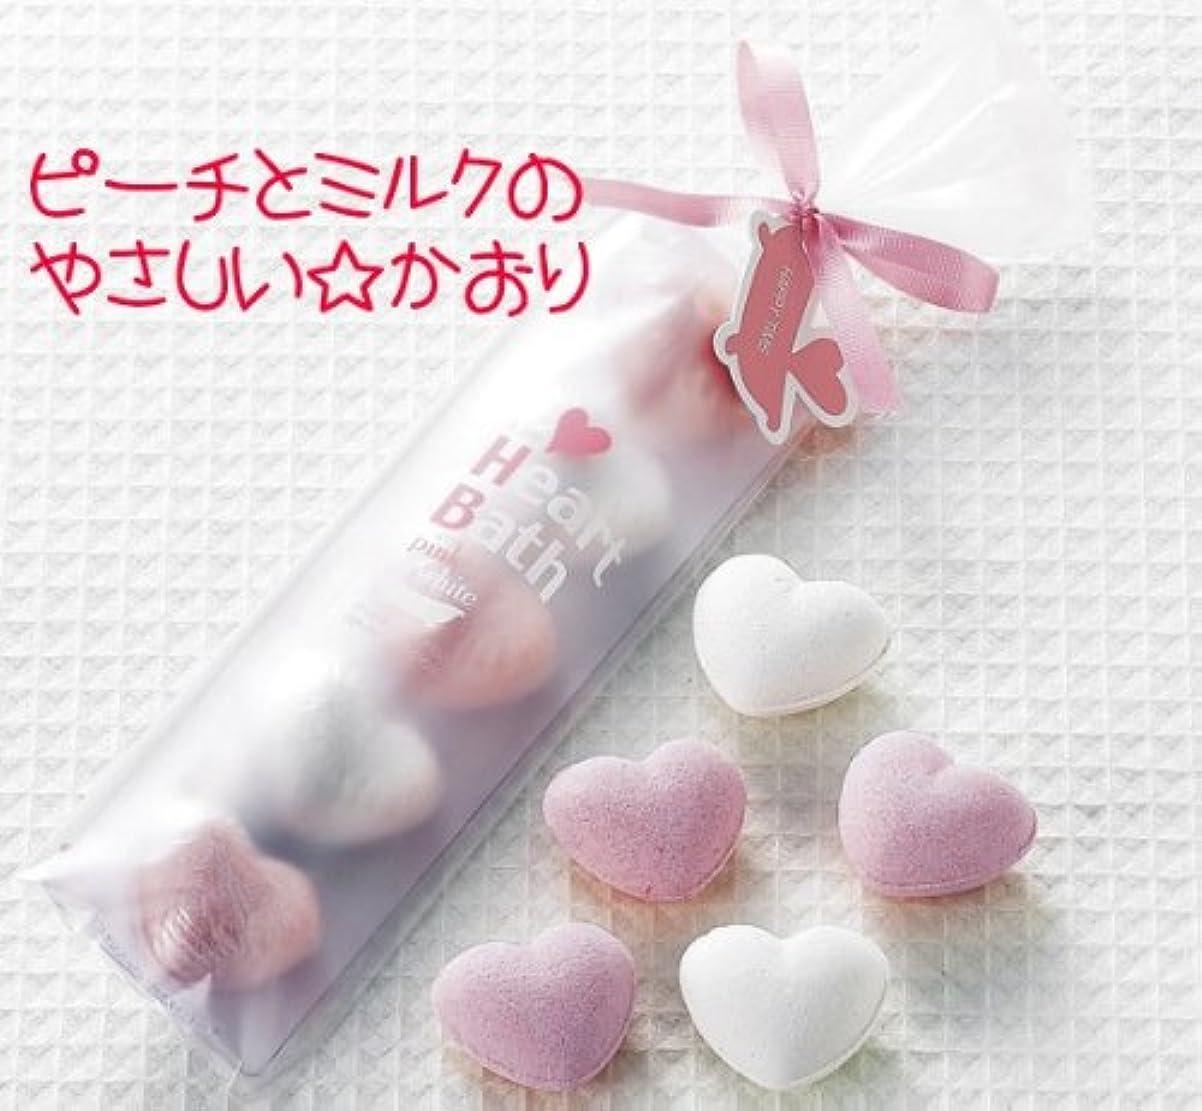 現実には陸軍ご予約ハートの入浴剤 ピーチ&ミルク【結婚式 二次会 プチギフト】